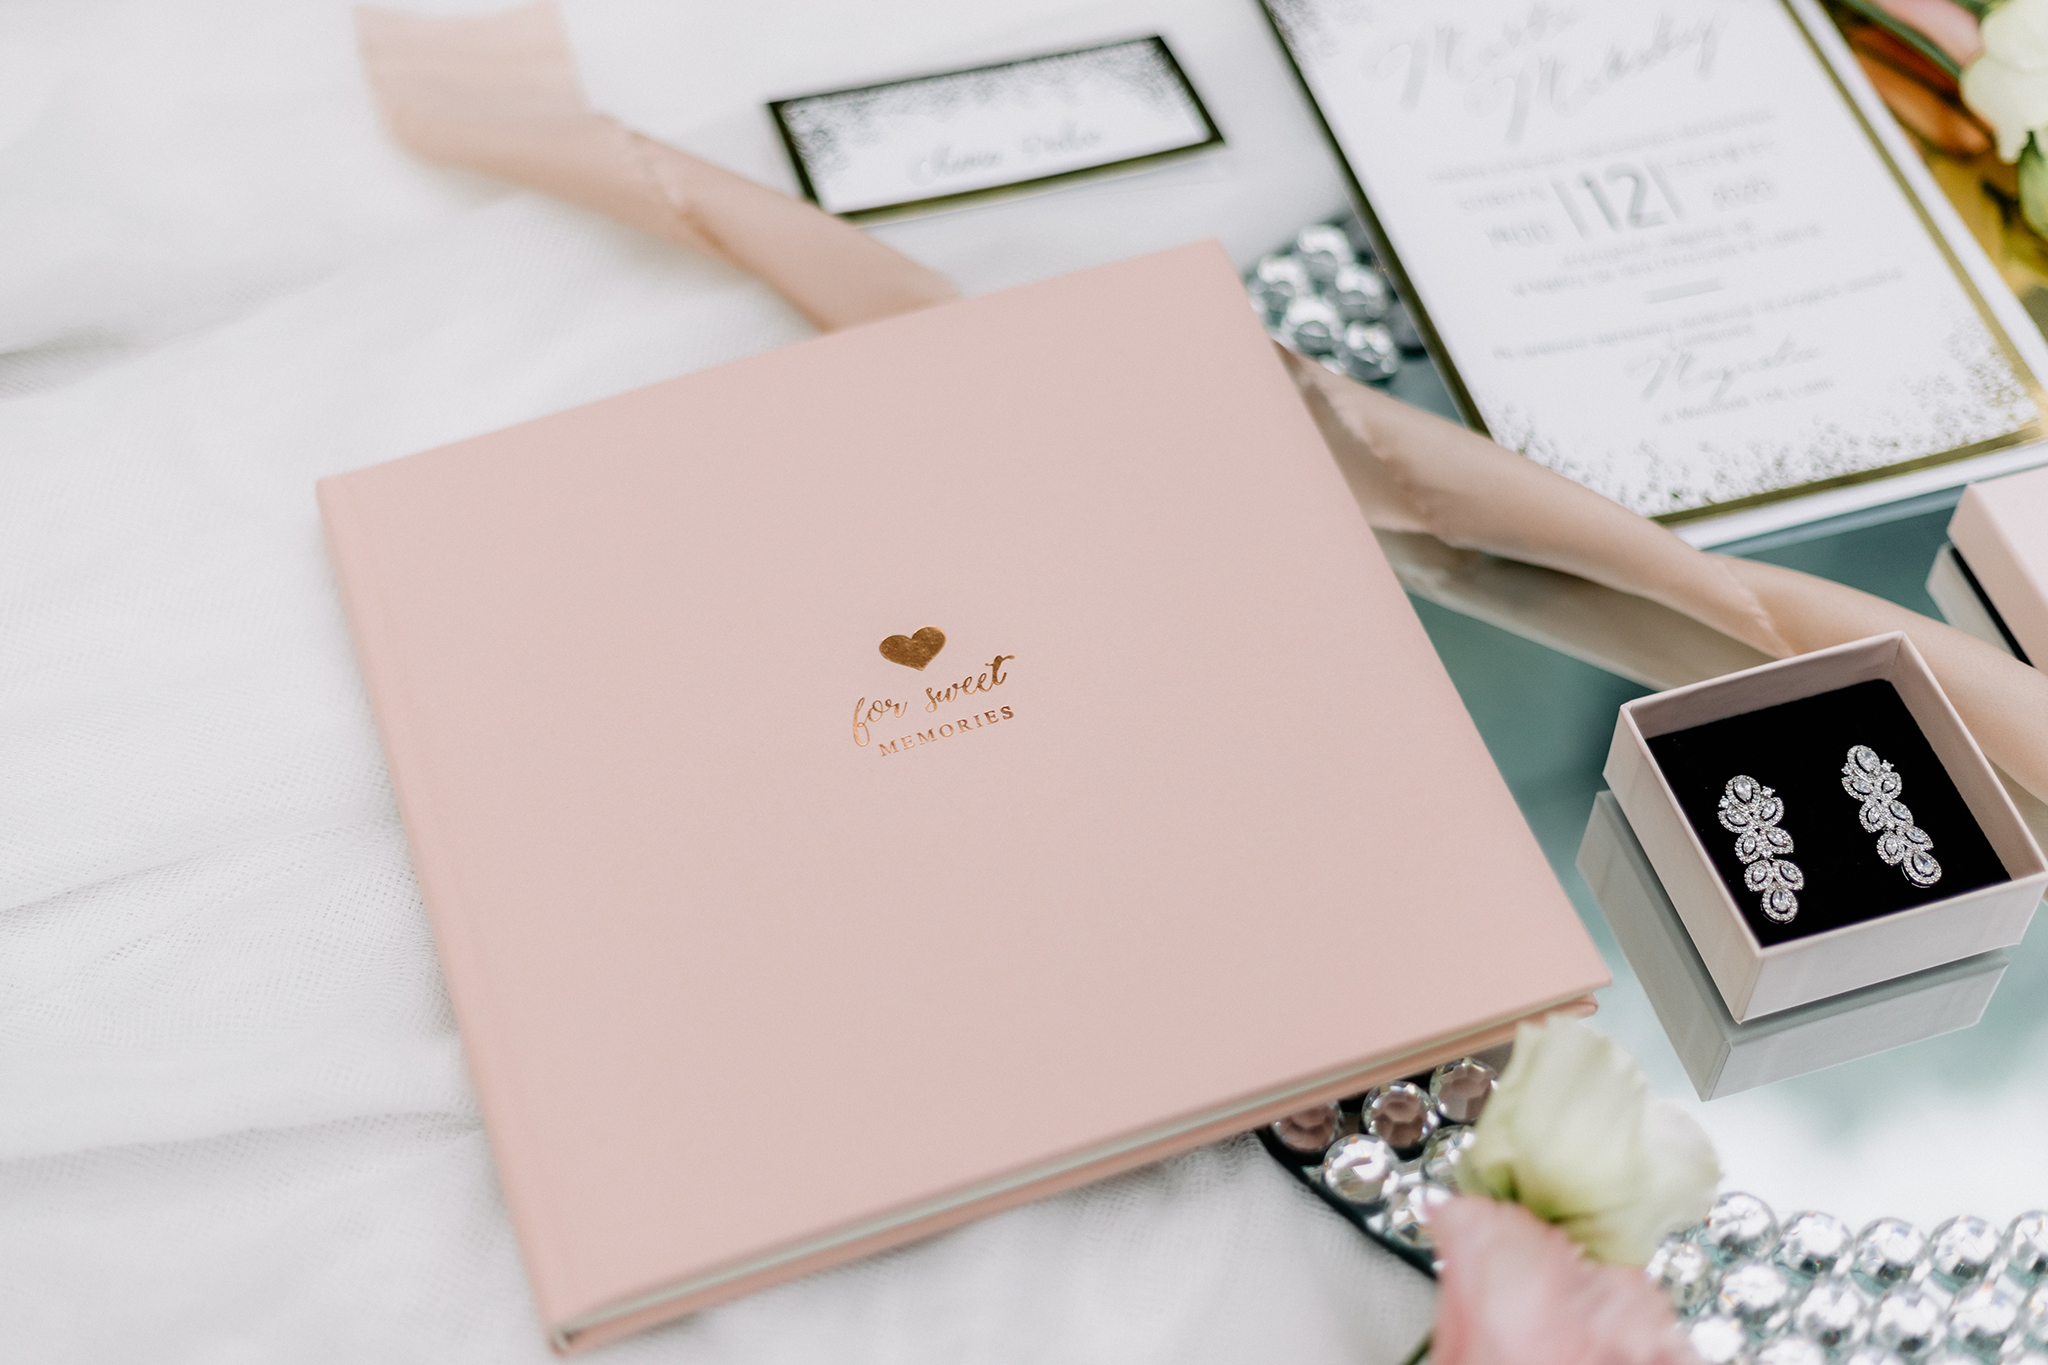 sesja-stylizowana-pink-glamour-endorfina-foksal-fotografia-slubna-fotograf-slubny-warszawa-grodzisk-mazowiecki-pruszków-ursus